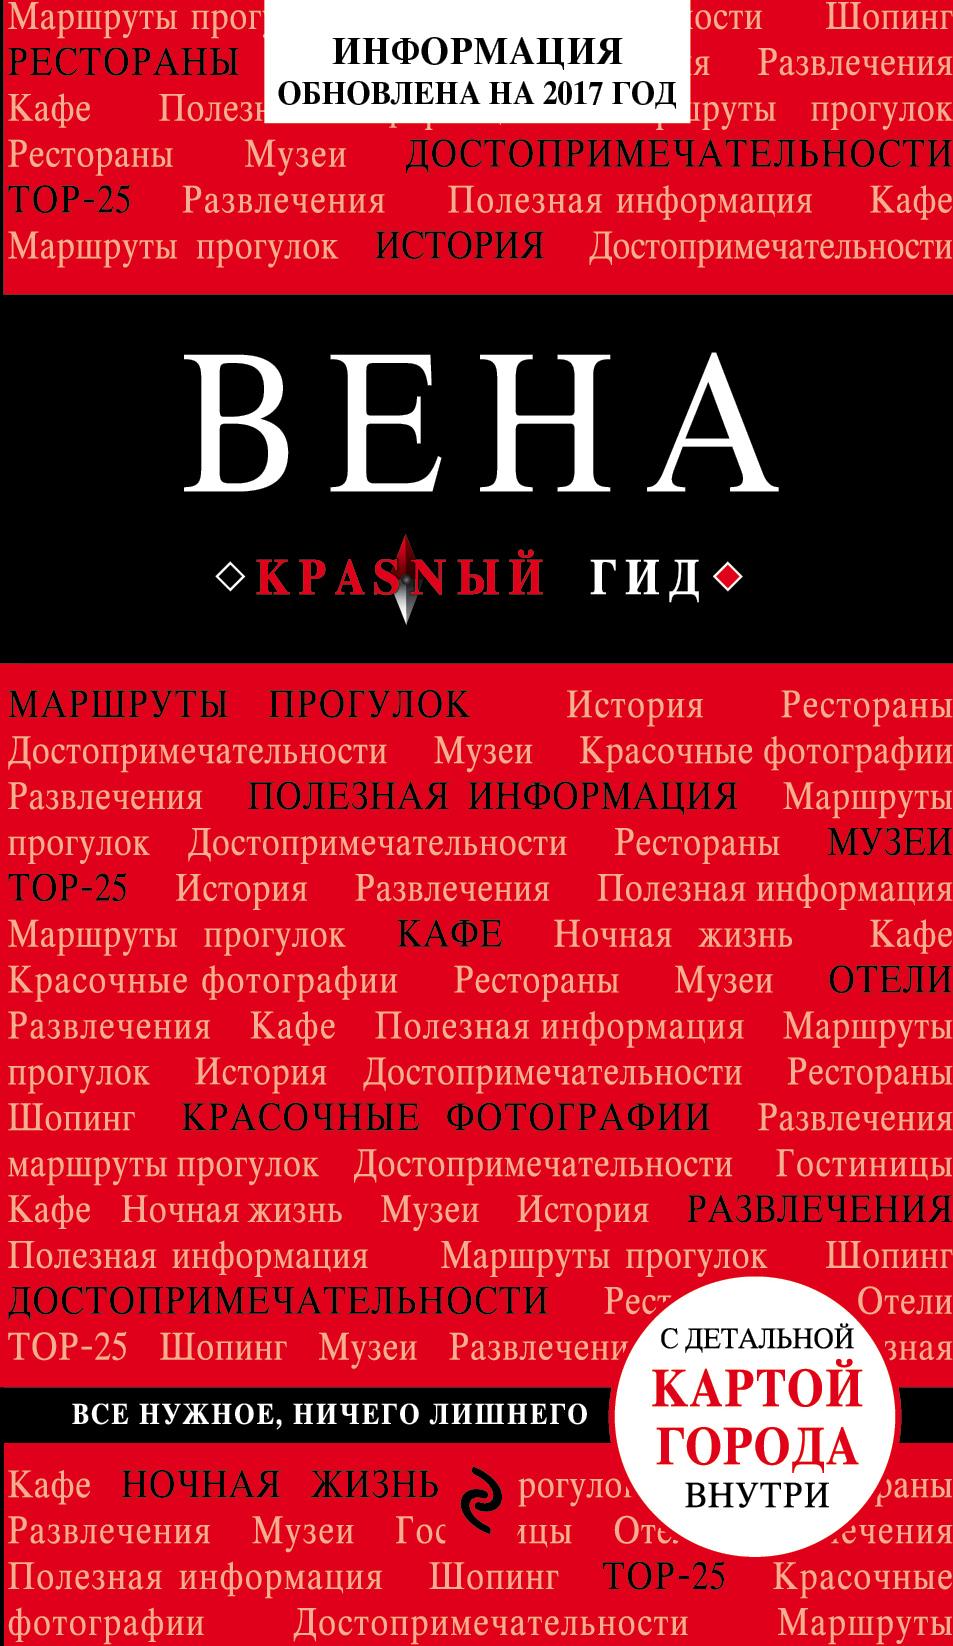 Вена. Пушкин Виктор Анатольевич